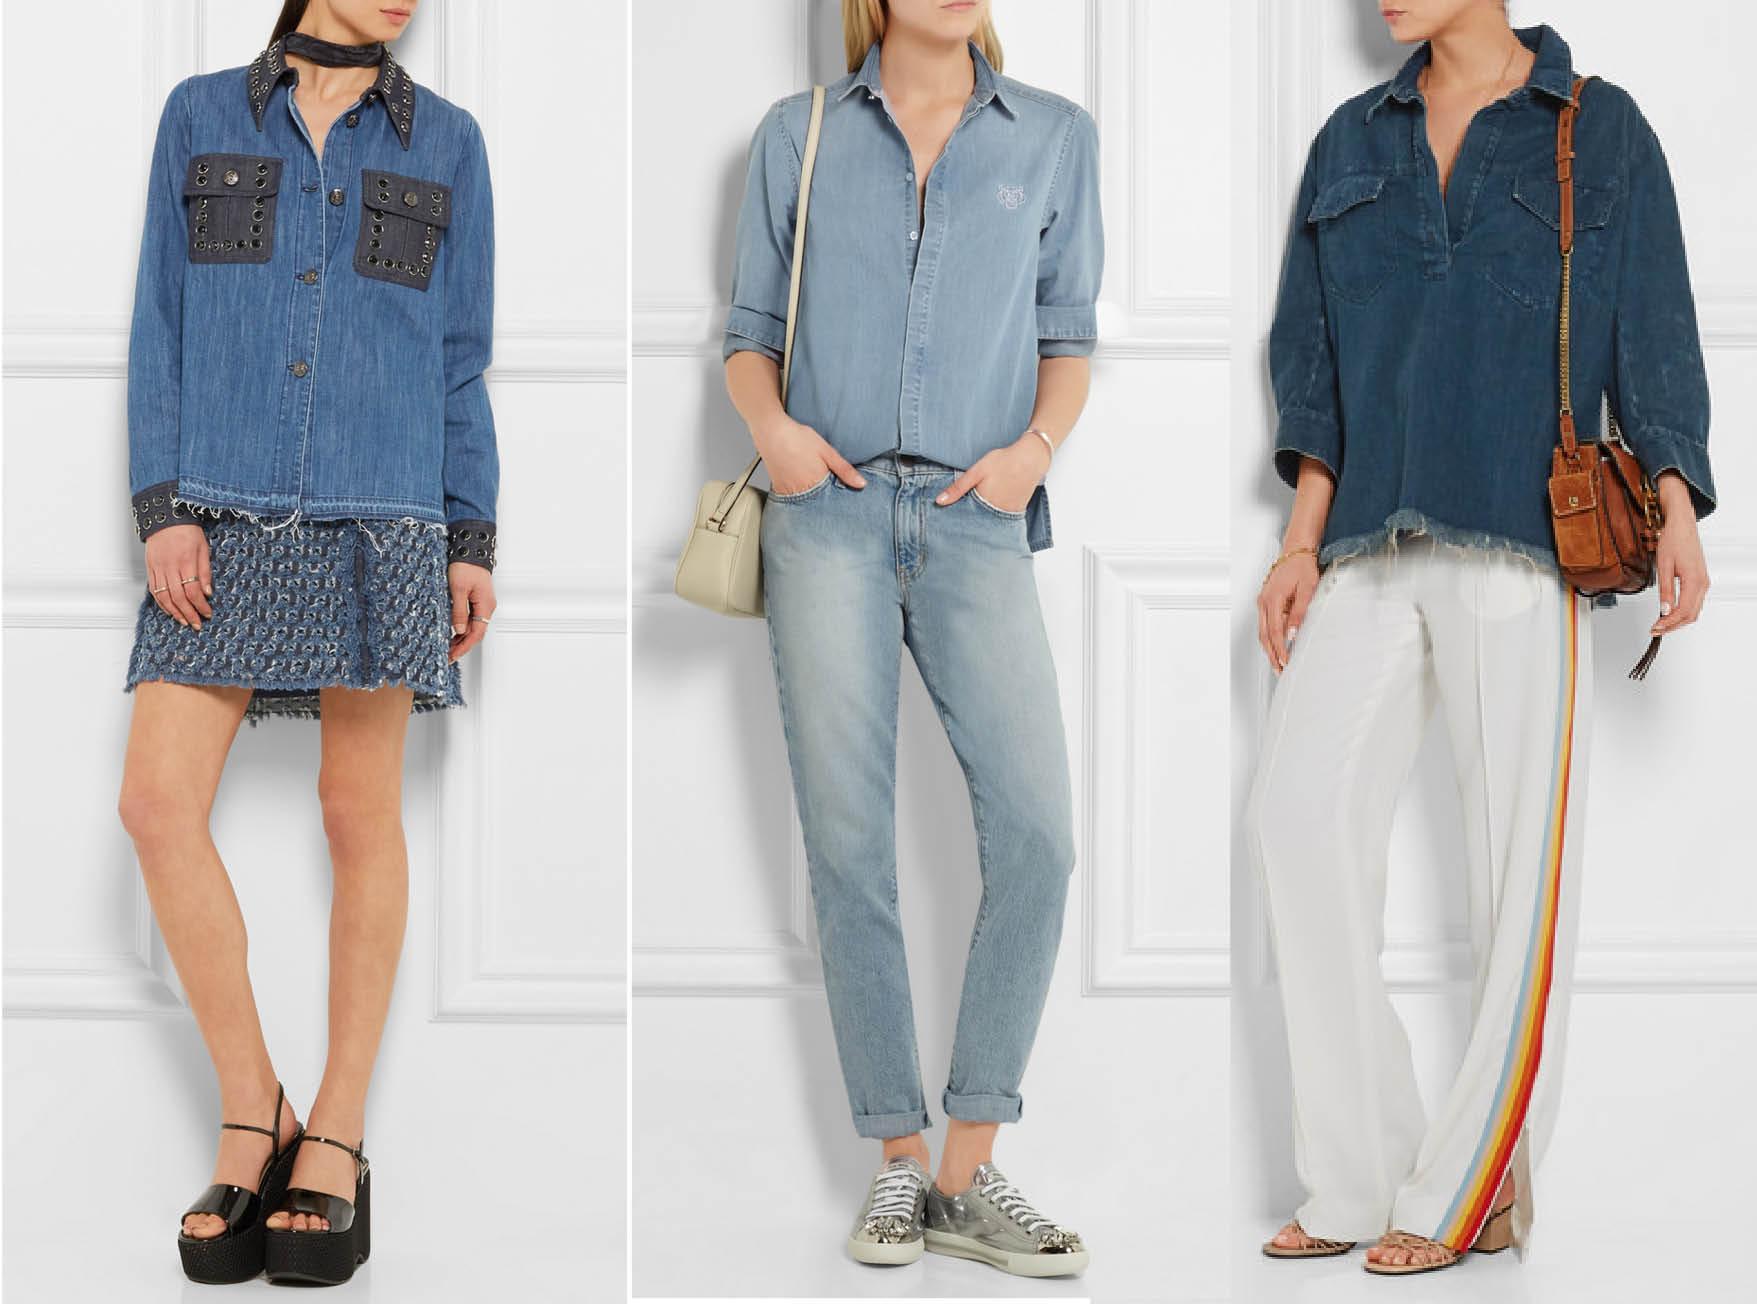 С чем носить джинсовую рубашку: 10 стильных образов-320x180